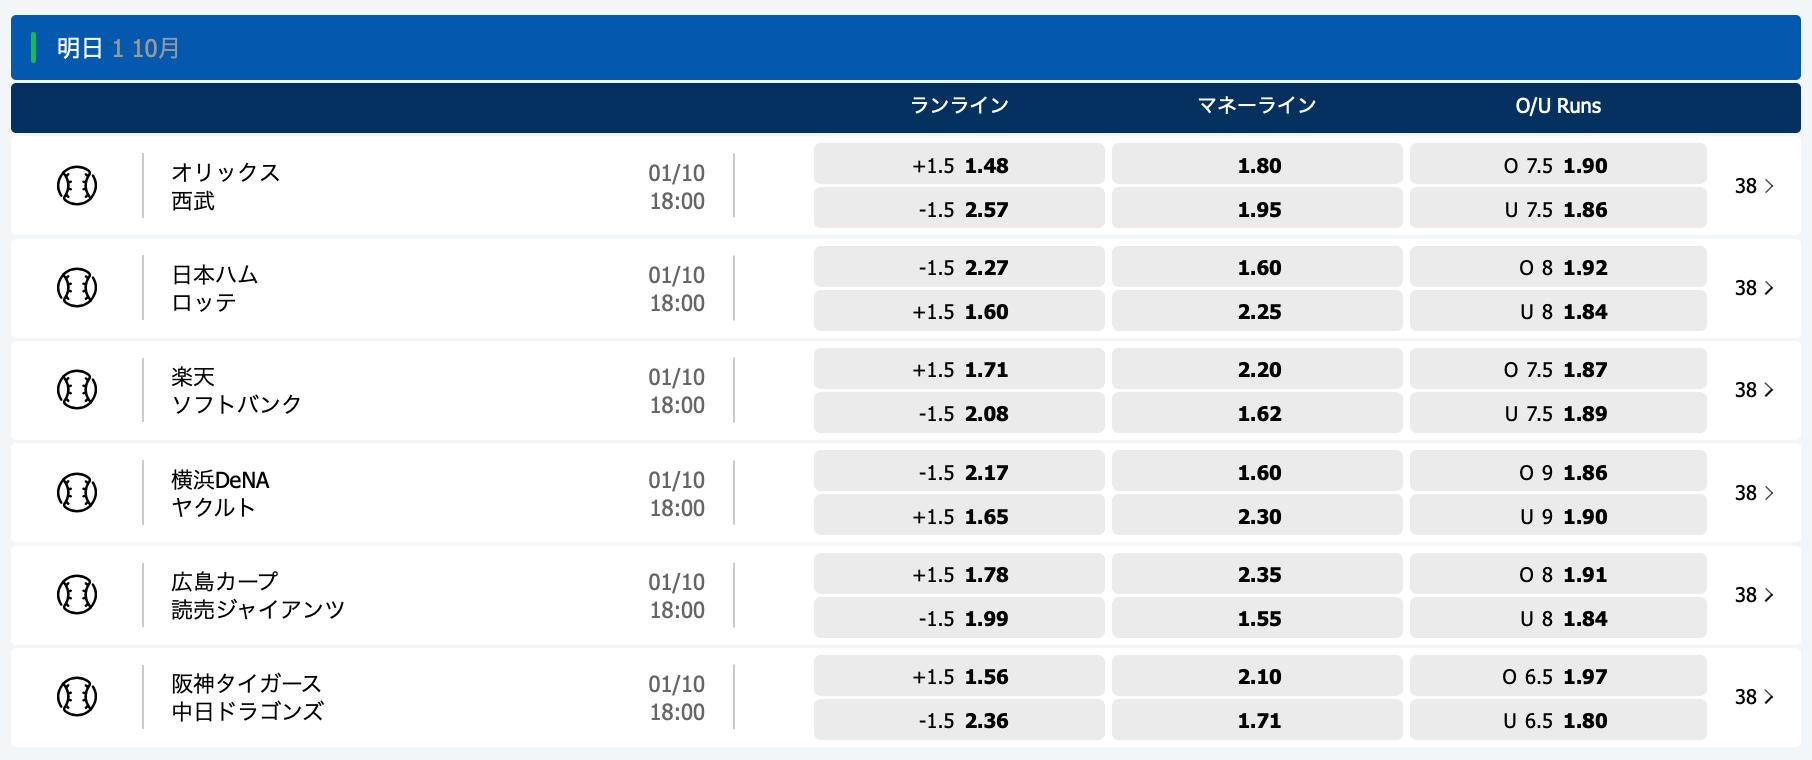 2020.10.1 プロ野球オッズ・10bet Japan